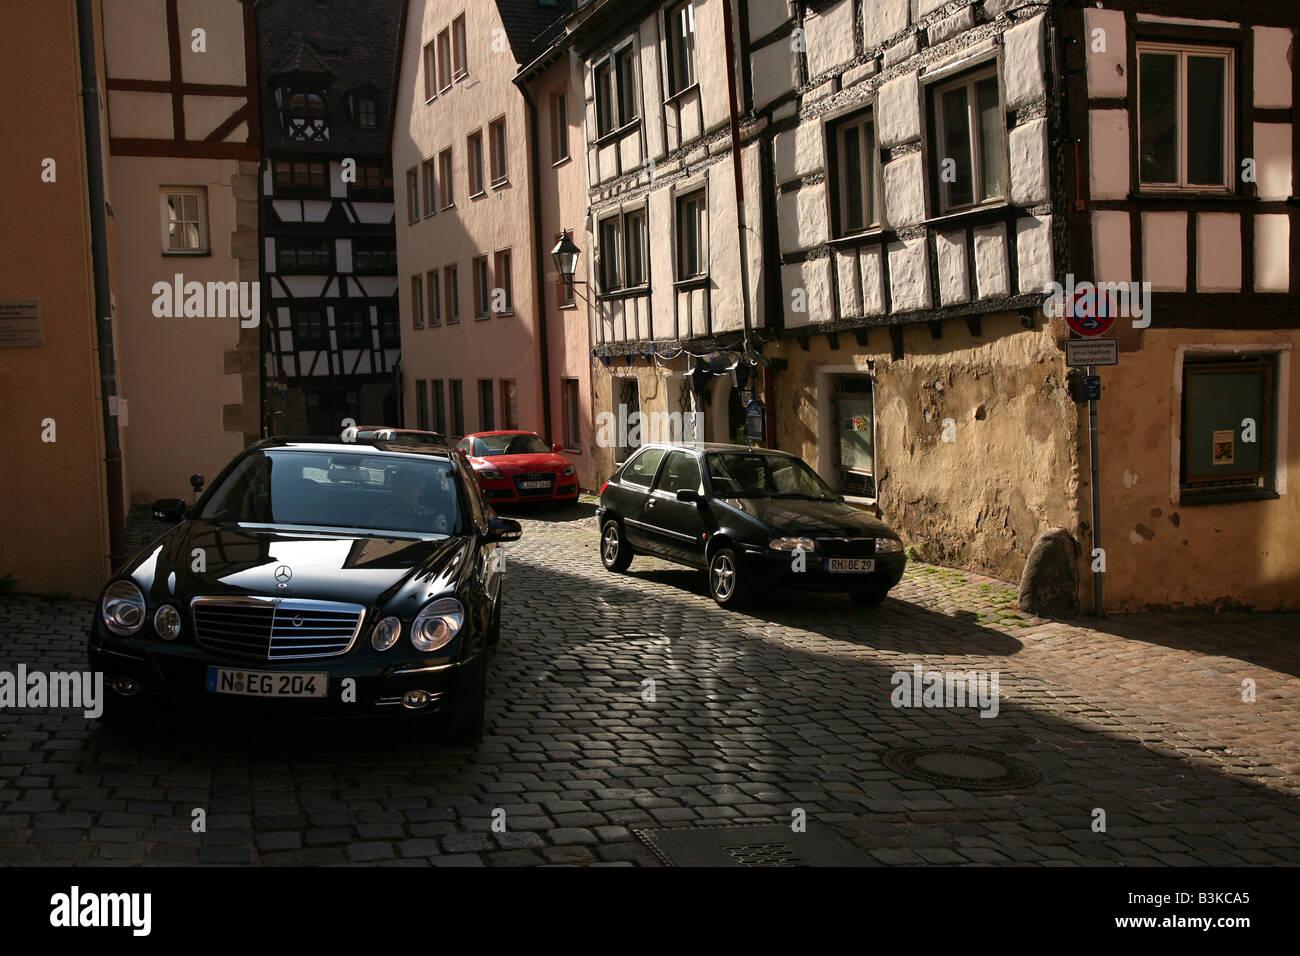 Traditional German Fachwerk houses in Nuremberg, Germany - Stock Image